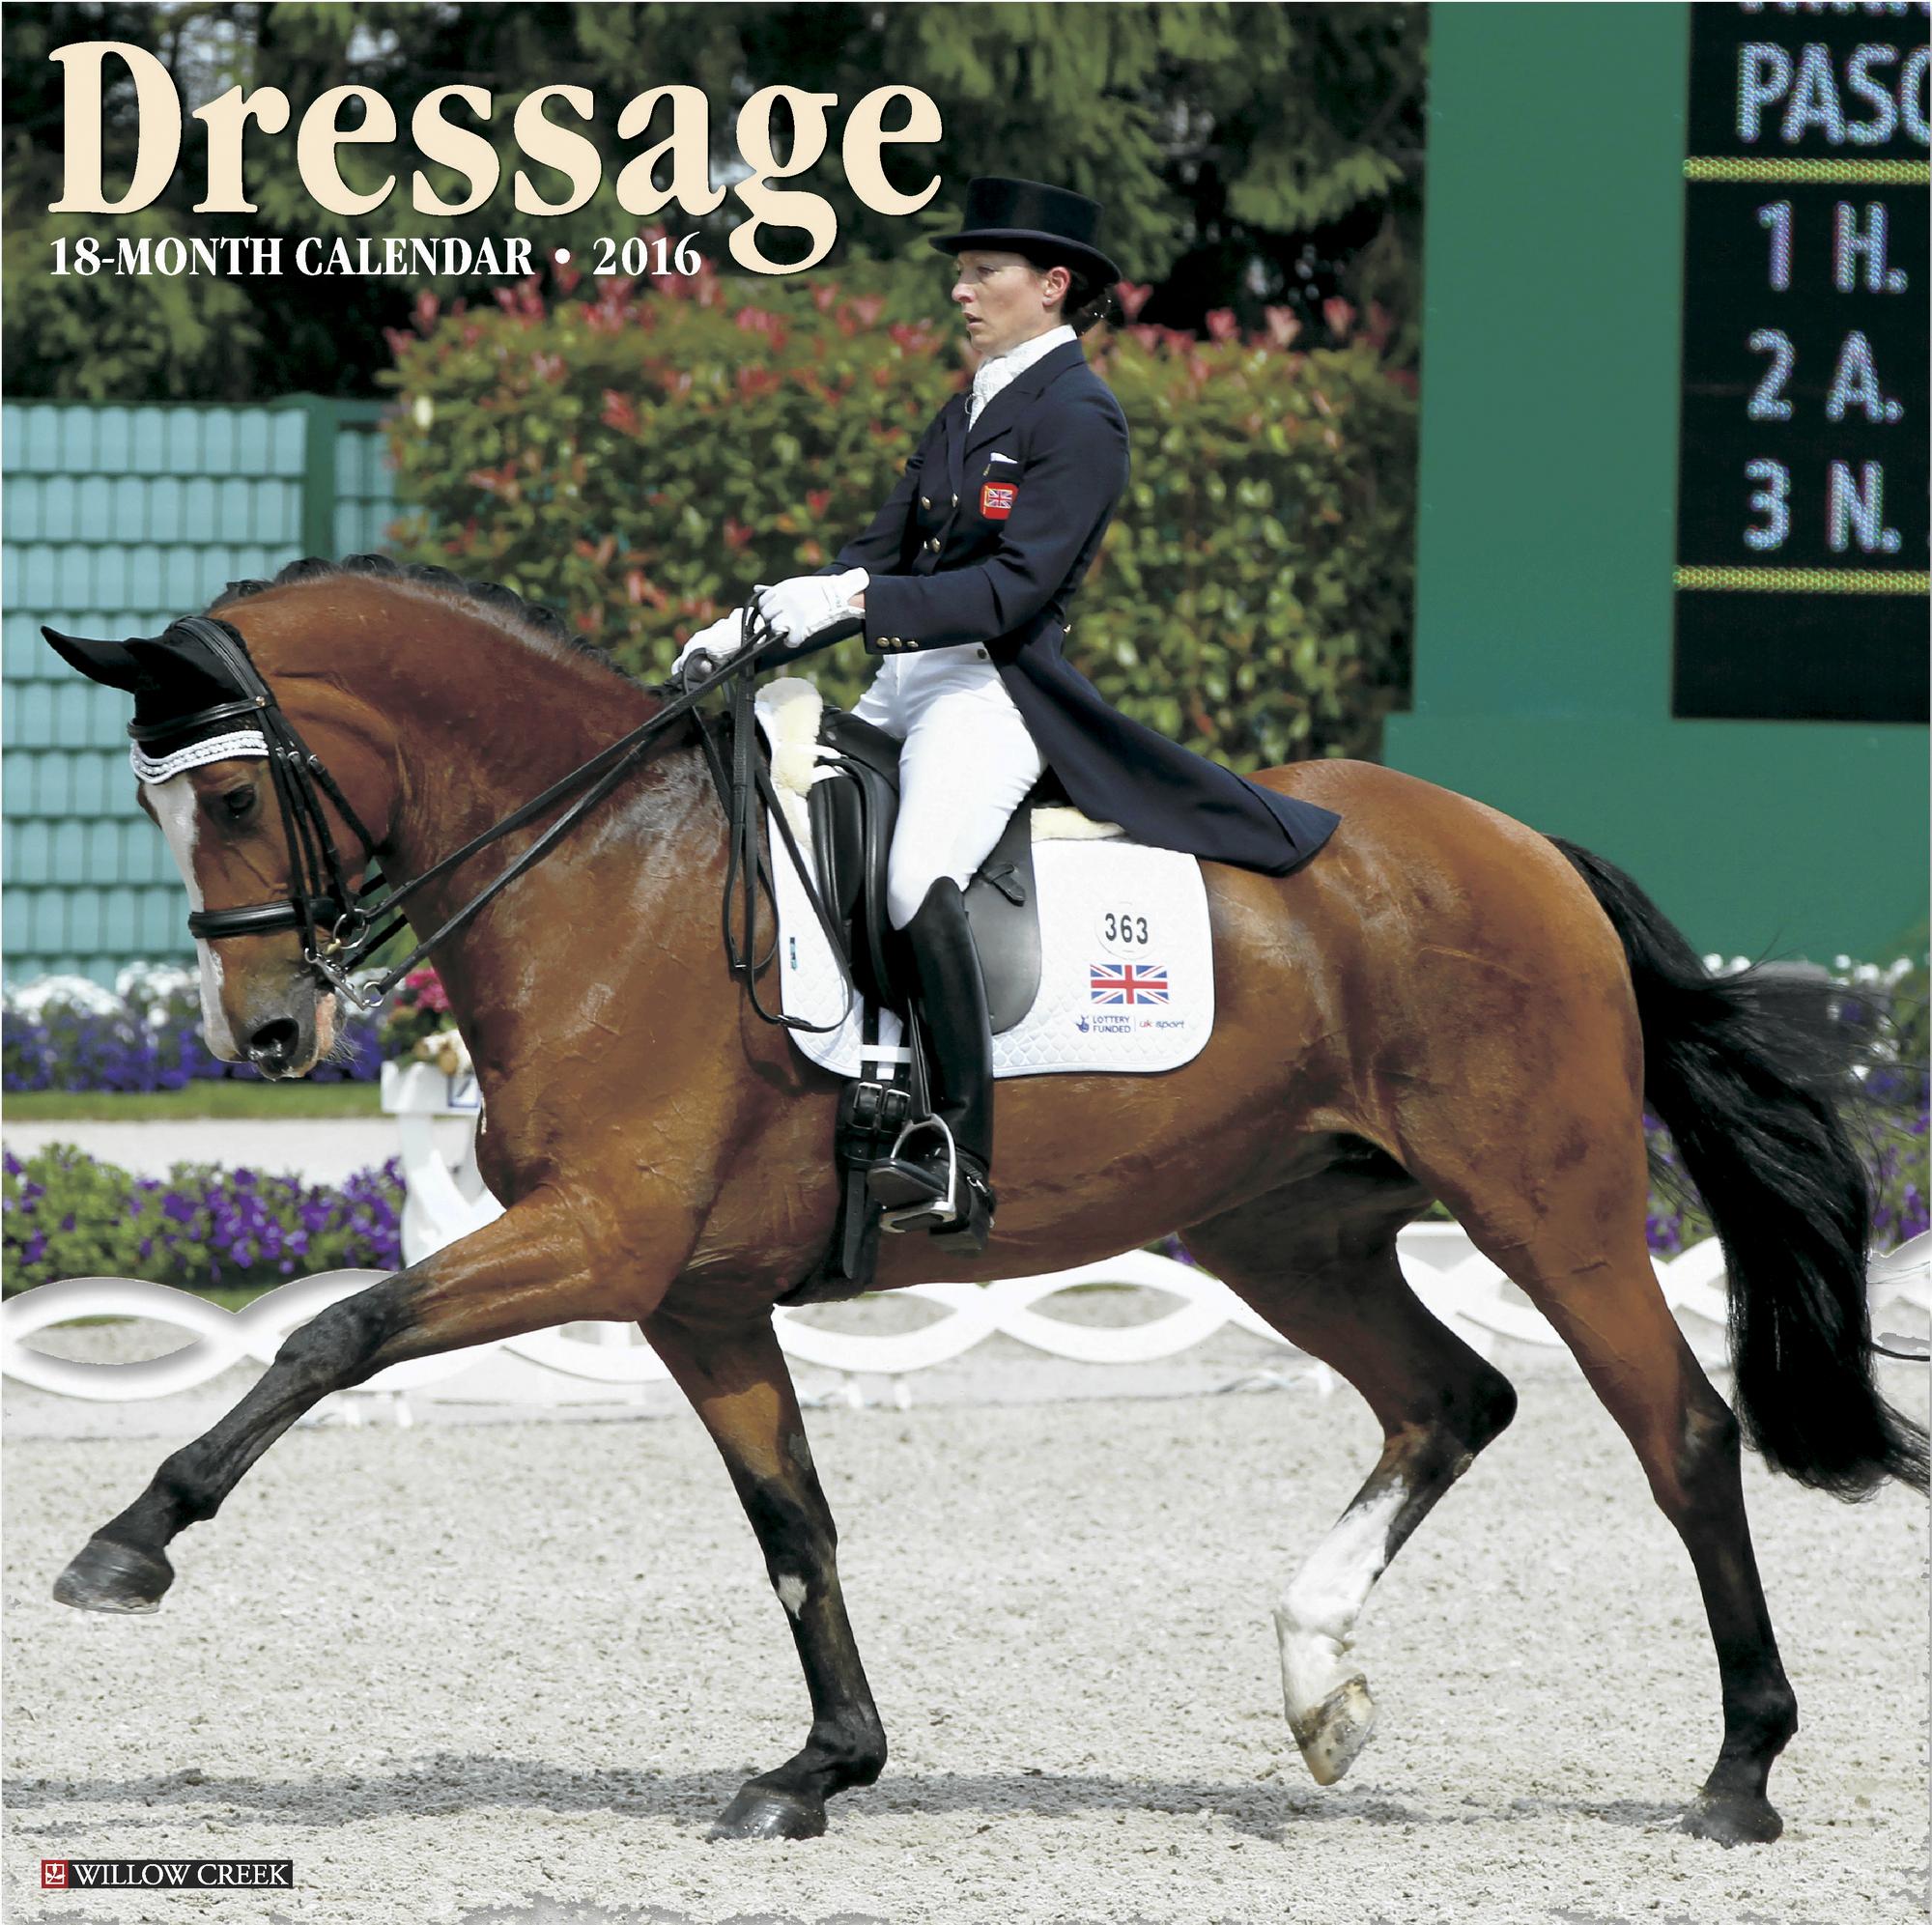 Dressage Calendar - 2016